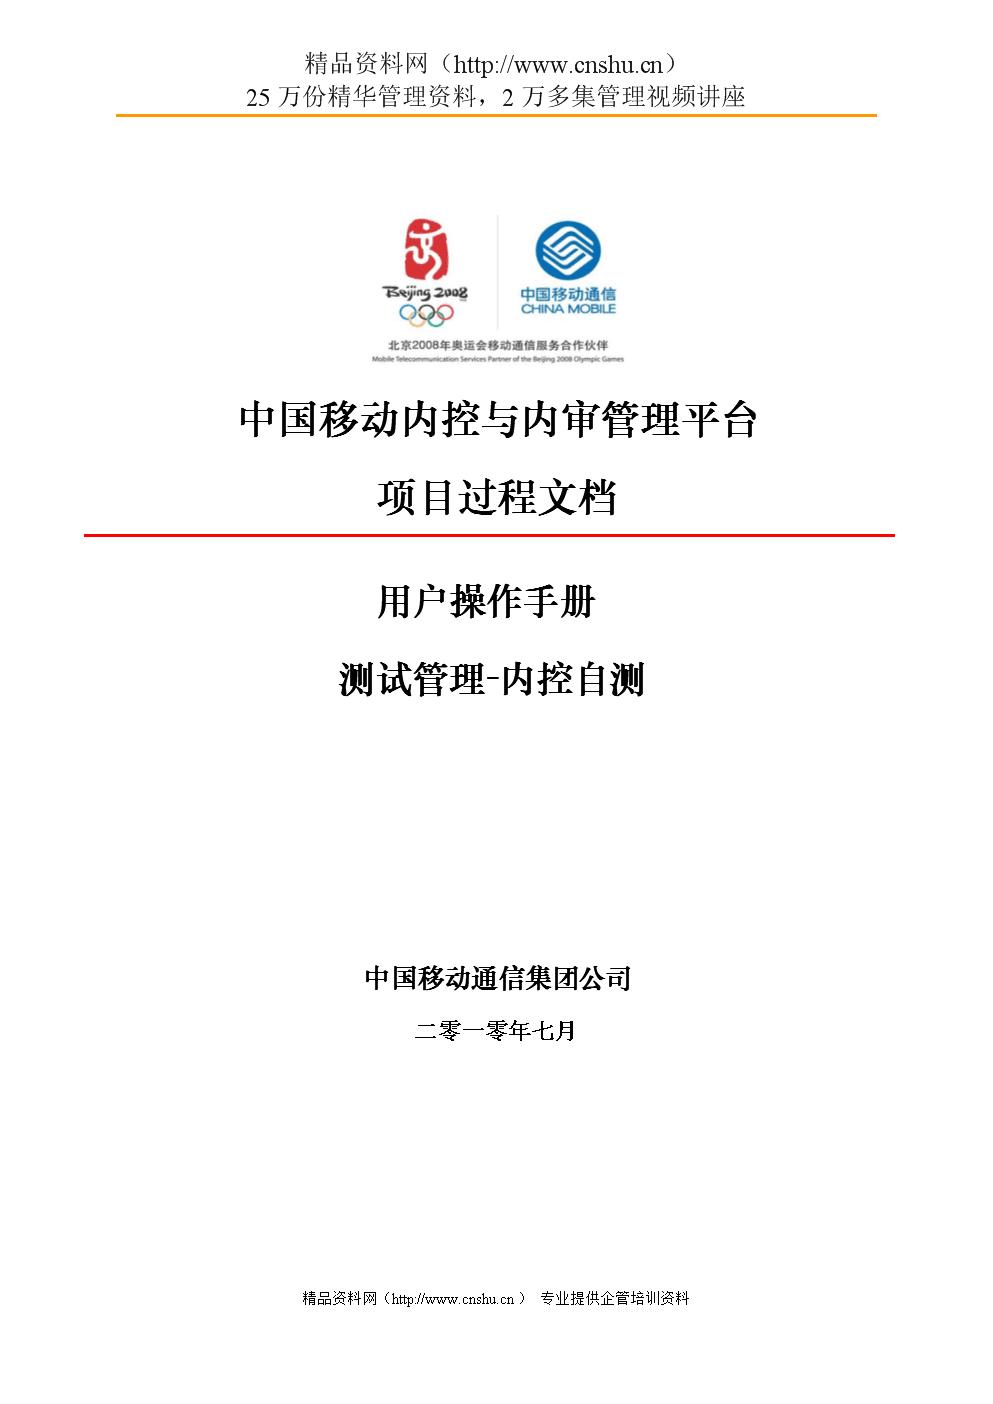 财务内部管控年中国移动内控及内审项目平台操作手册.doc